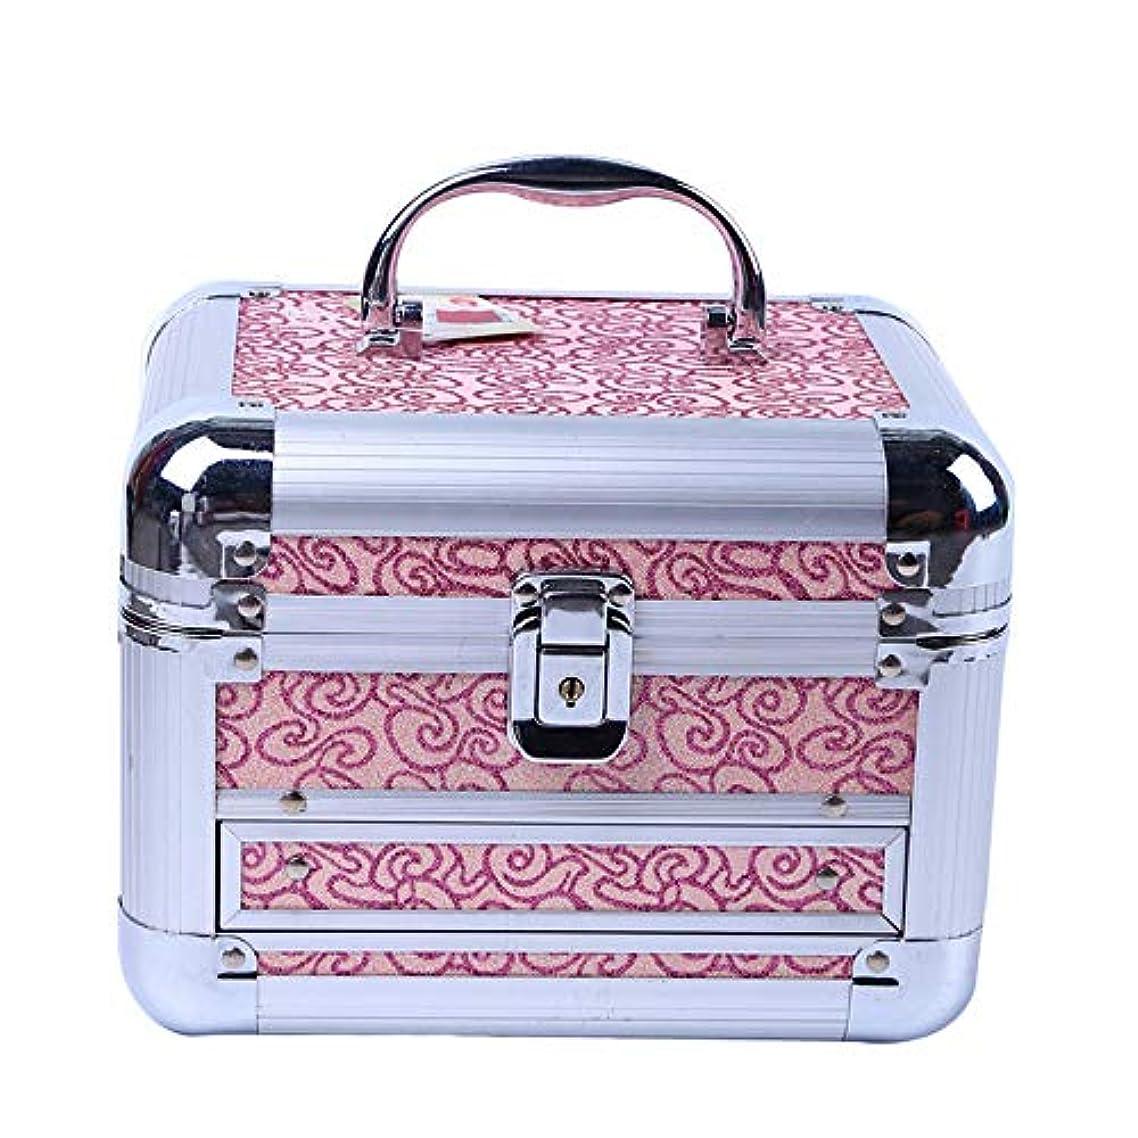 ナイトスポット光スチュアート島化粧オーガナイザーバッグ 美容メイクアップのための大容量ポータブル化粧ケース、女子女性のための化粧鏡と折り畳みトレイと旅行と毎日のストレージ 化粧品ケース